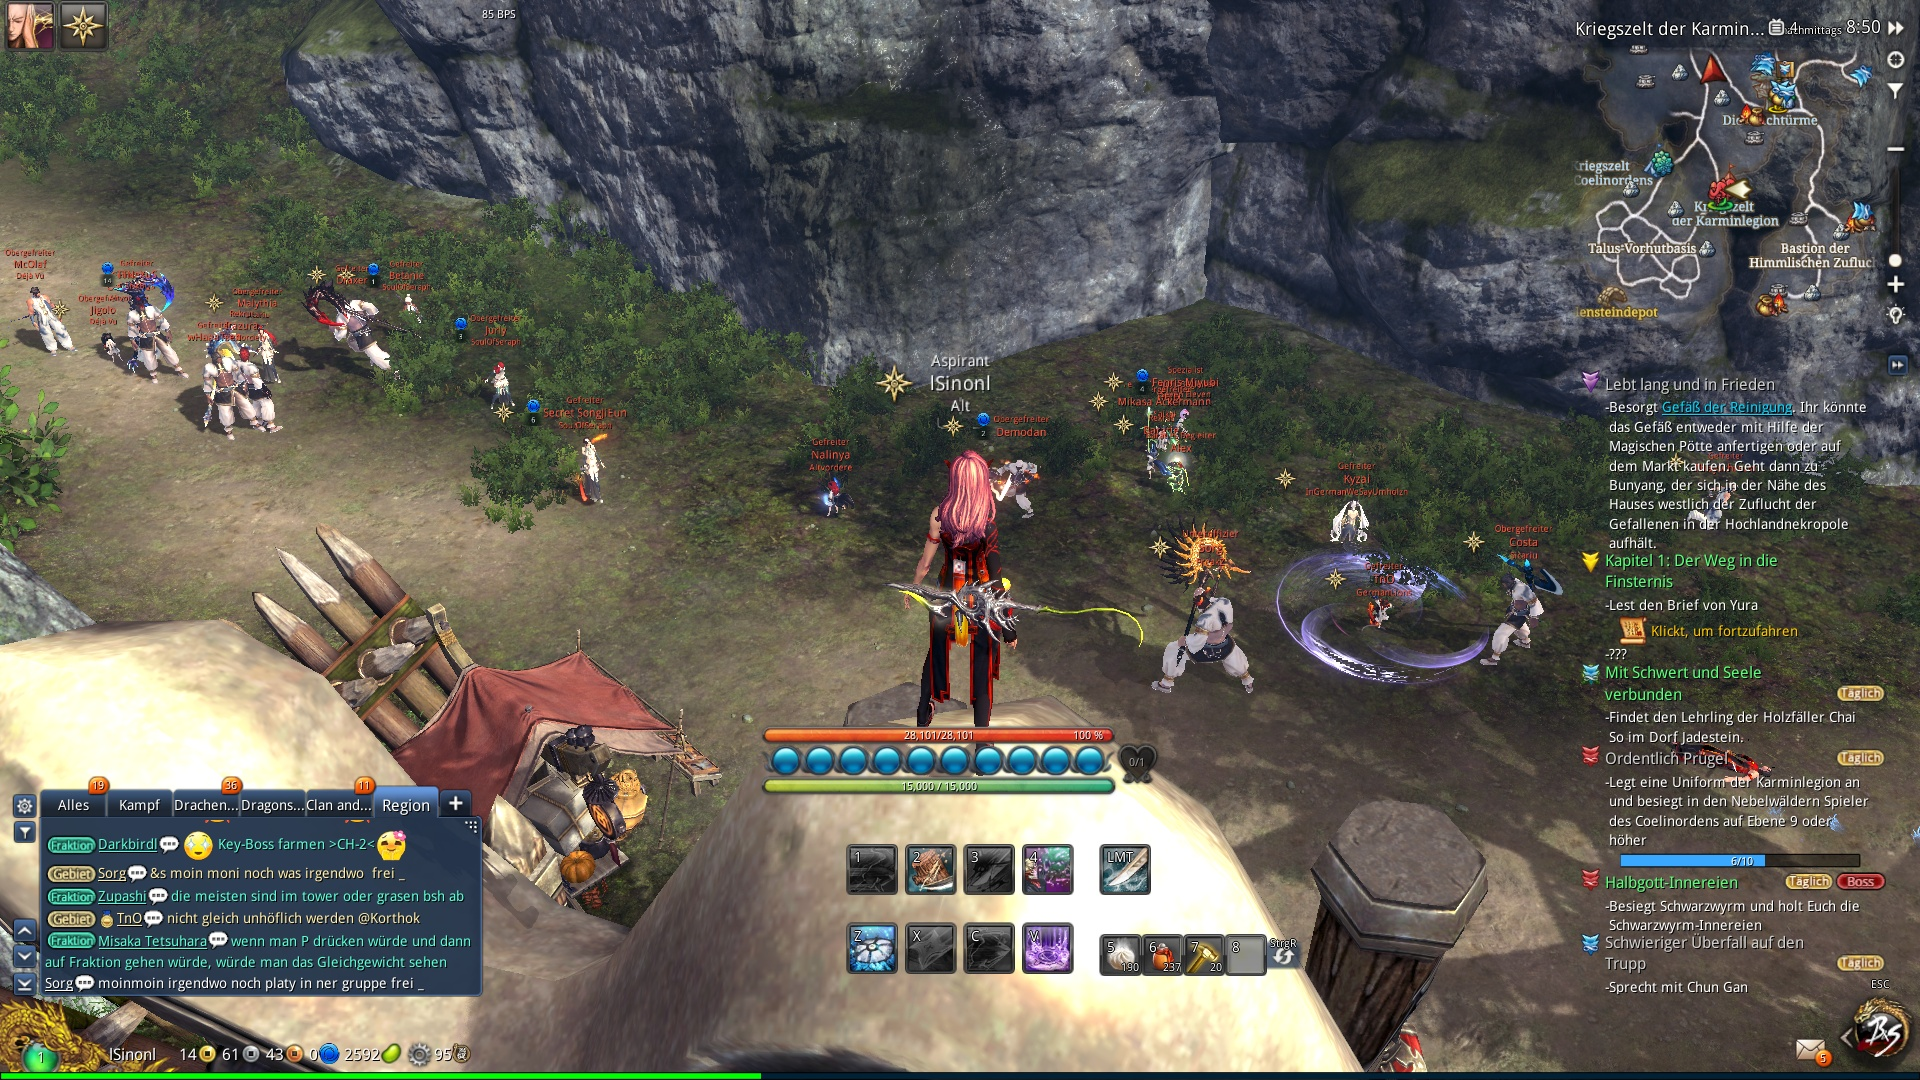 screenshot_160213_00092o5x.jpg